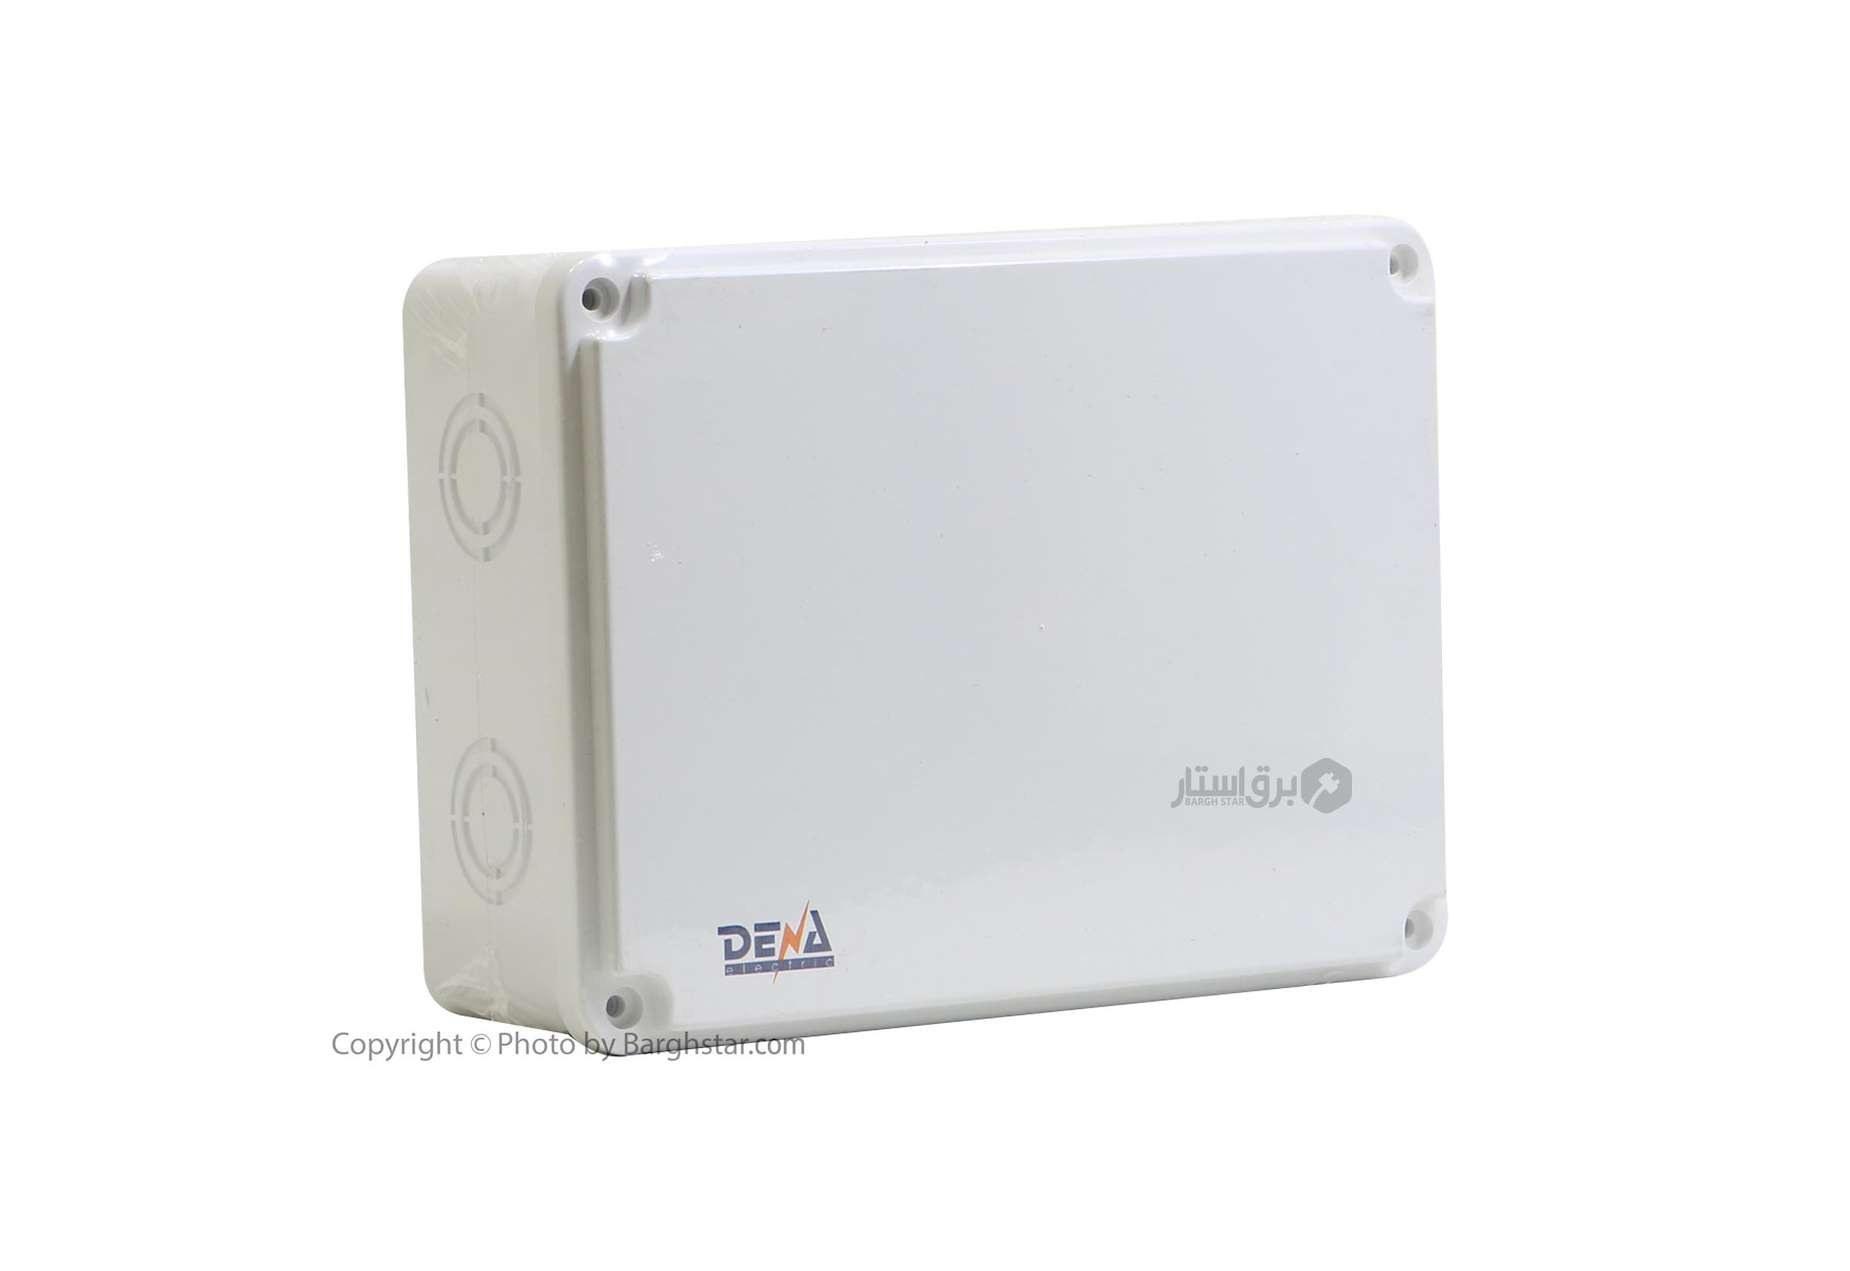 تصویر جعبه تقسیم برق دنا الکتریک 15×20